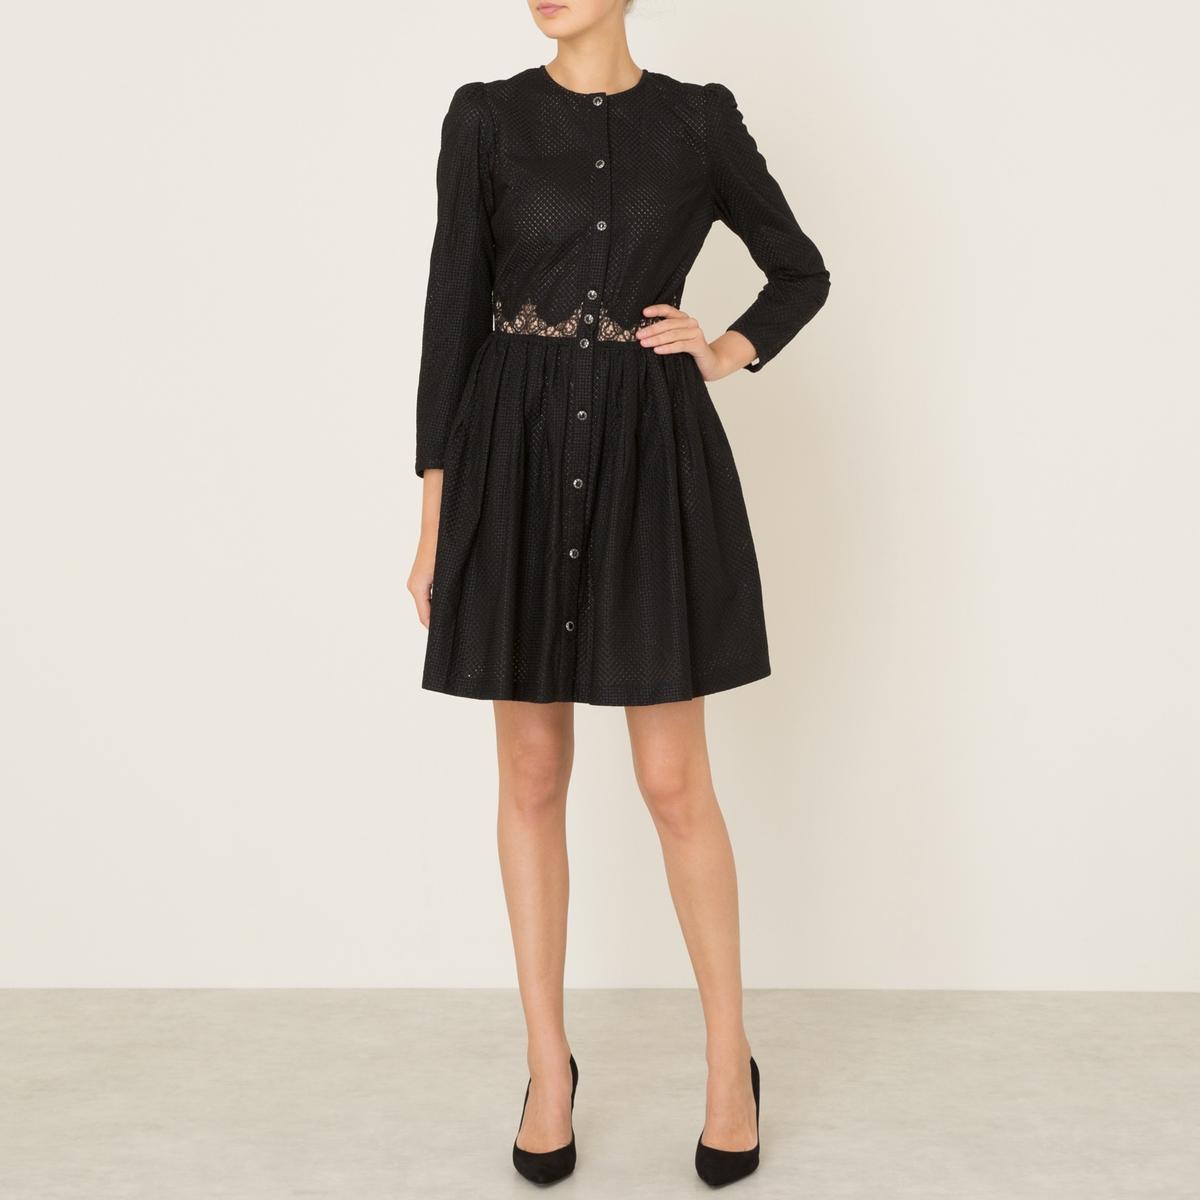 Платье из хлопка с вышивкойСостав и описание Материал : 100% хлопокКружево 100% полиэстераПодкладка 100% полиэстерМарка : THE KOOPLES<br><br>Цвет: черный<br>Размер: L